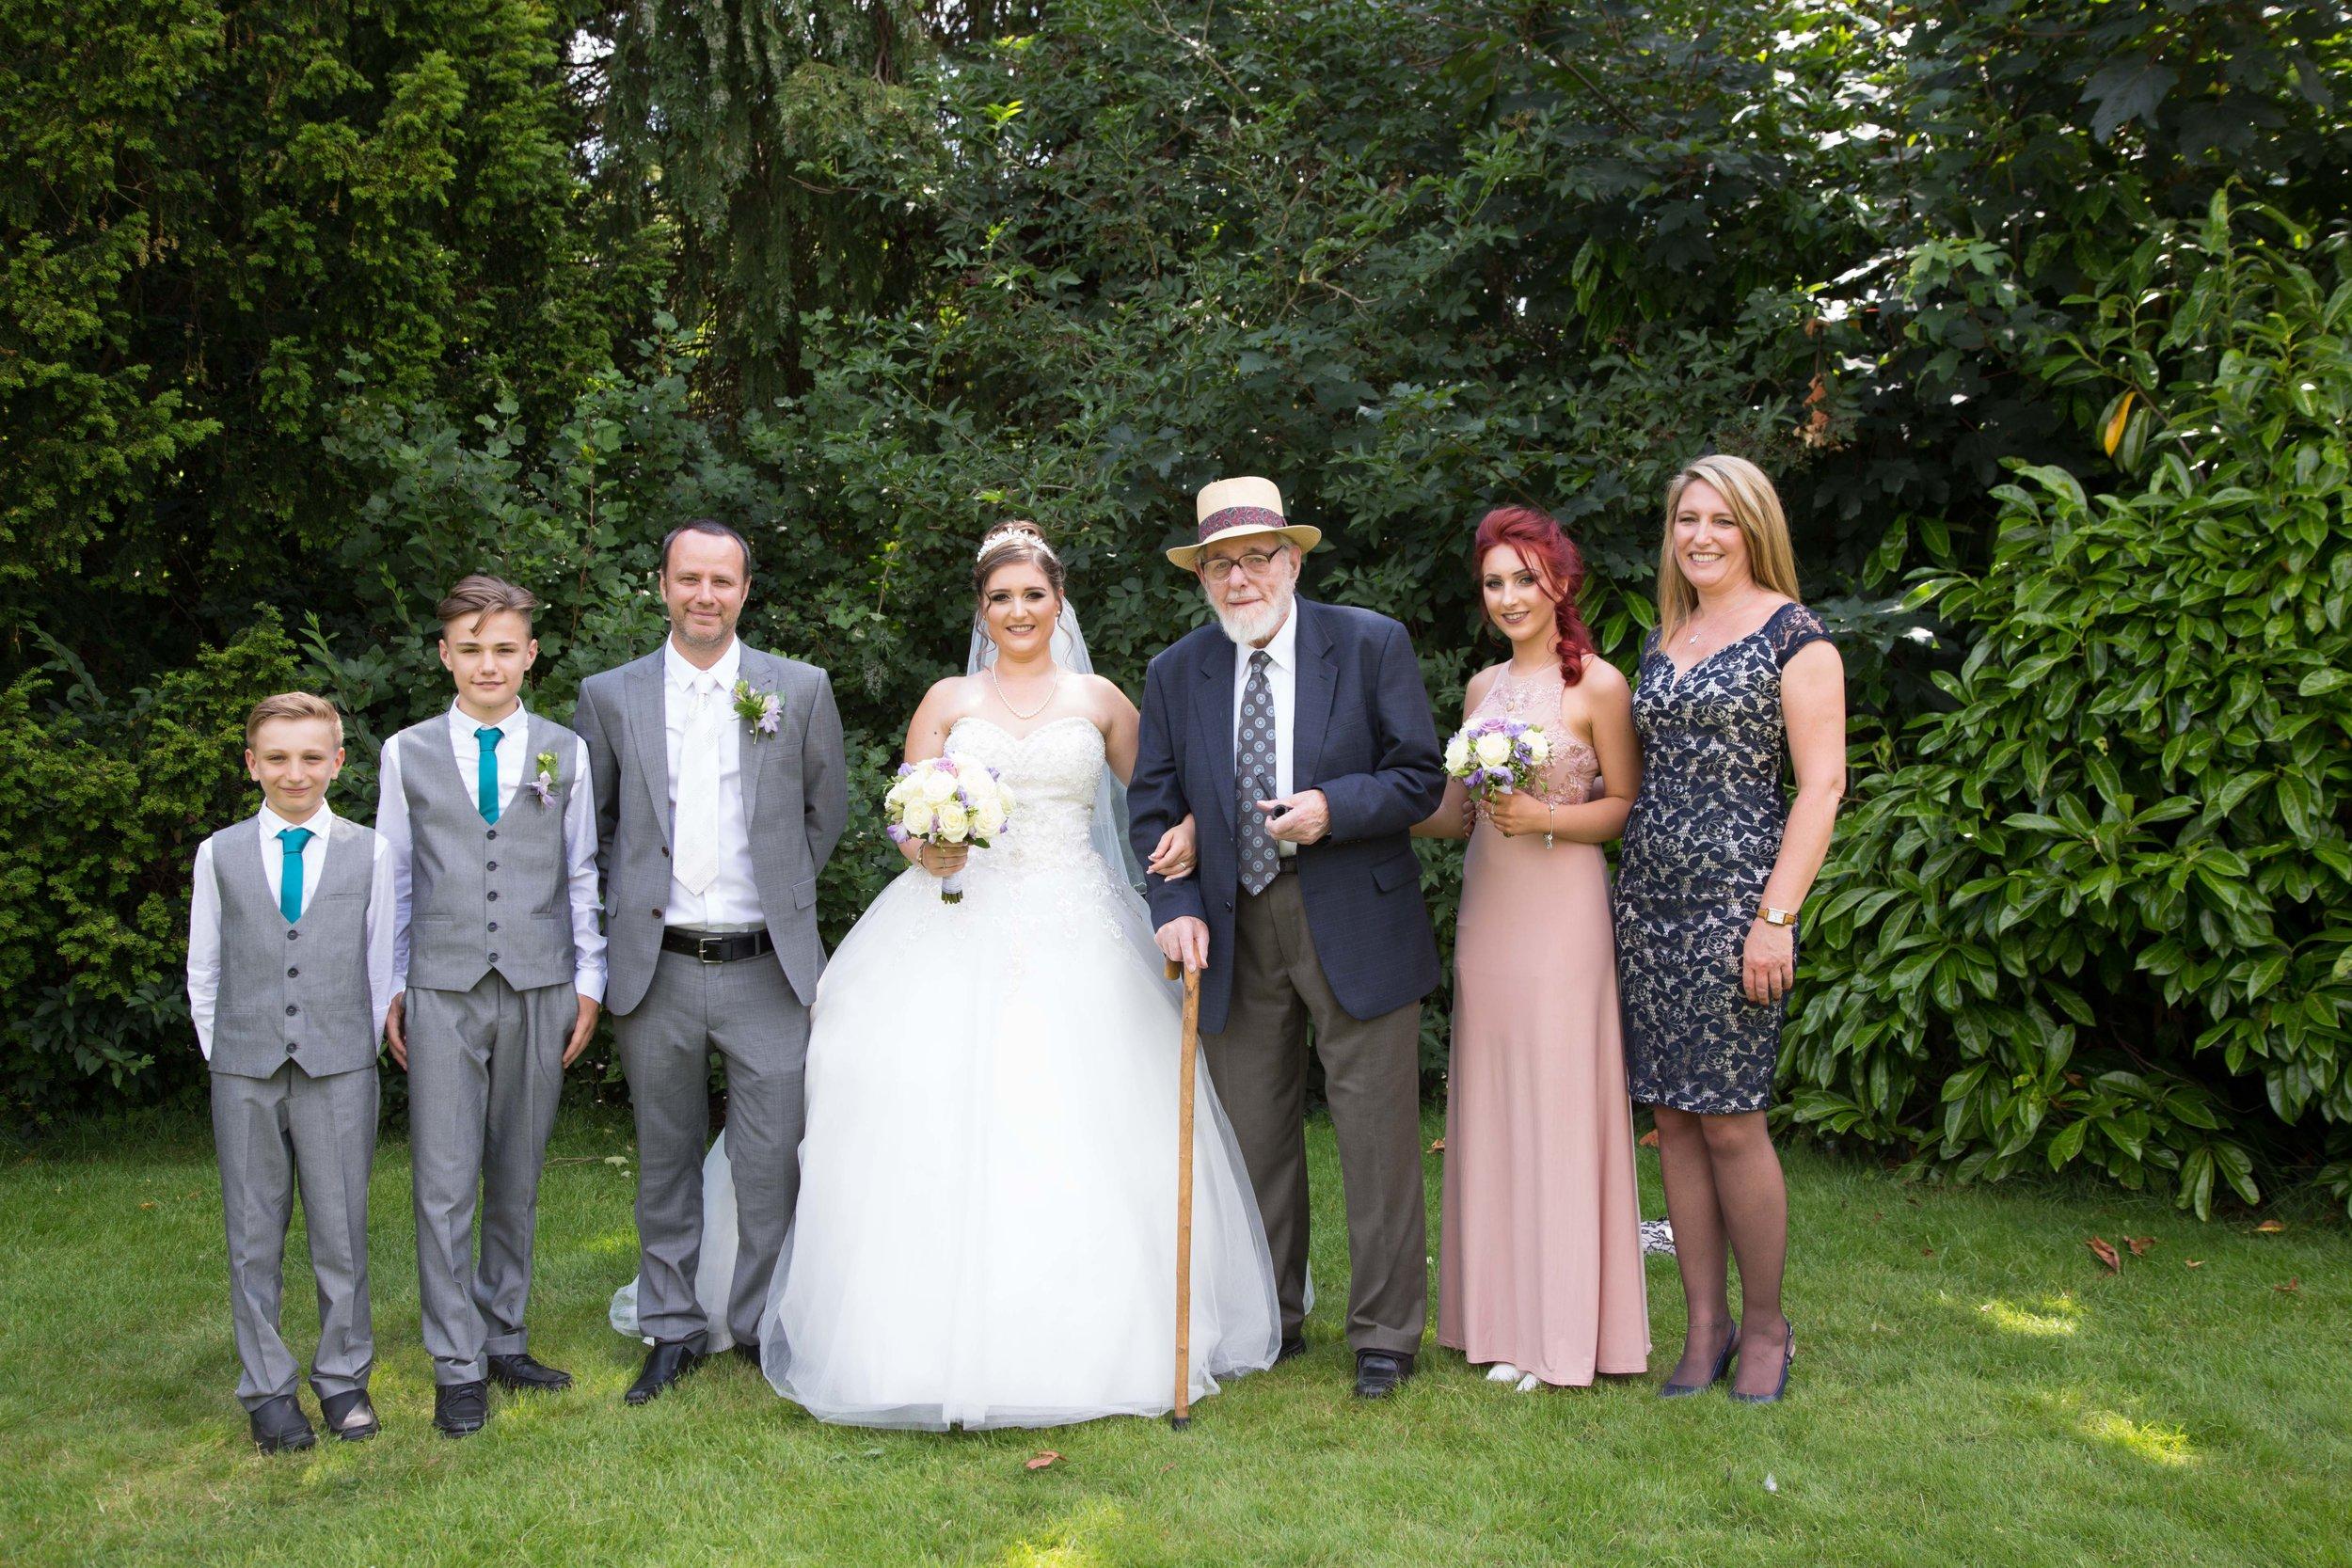 HamptonCourt-Wedding-Weybridge-Surrey-London-OatlandsParkHotel-33